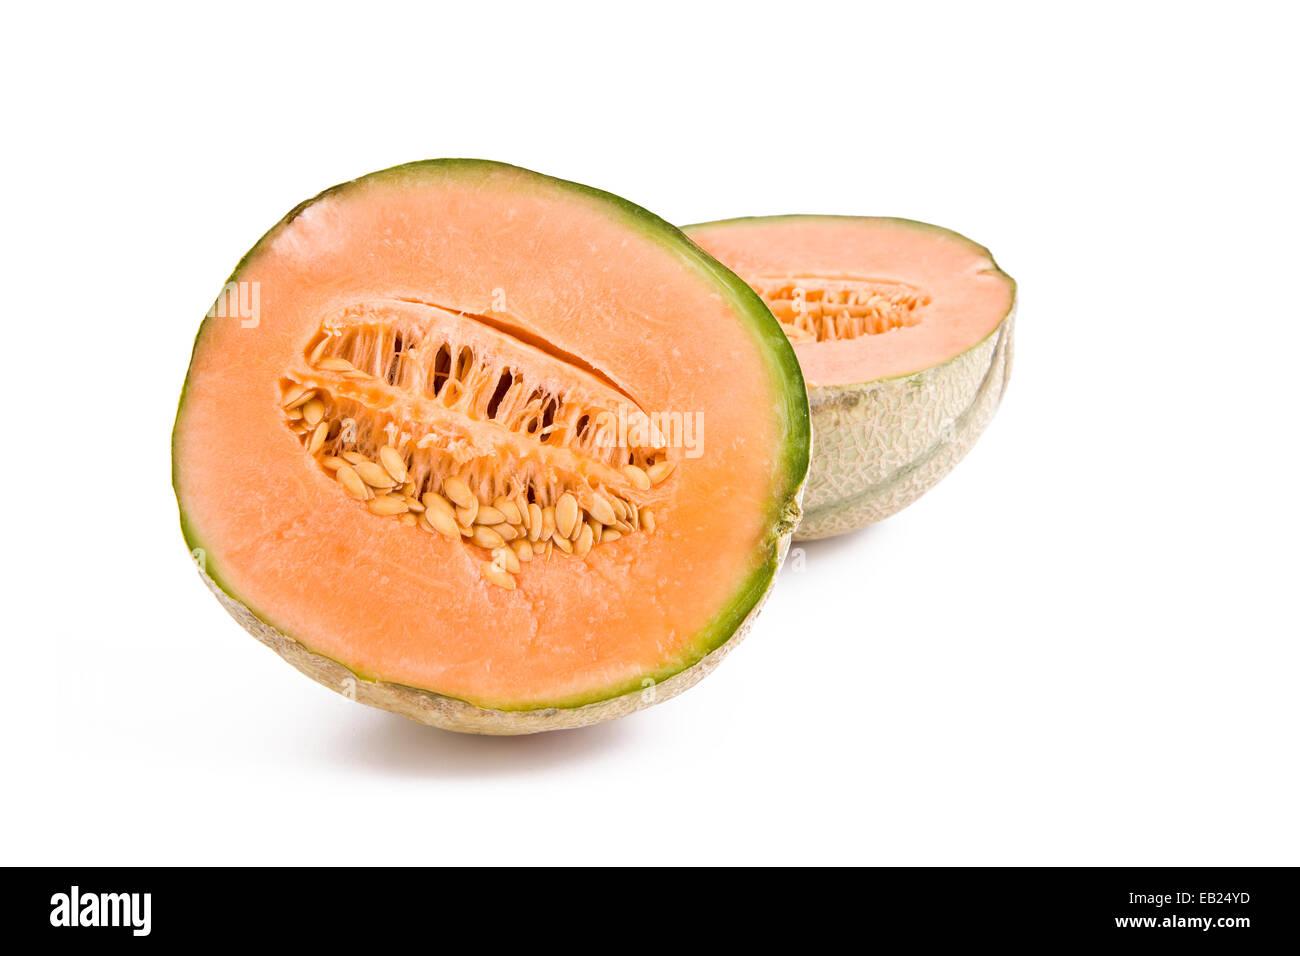 Rodajas de melón fresco aislado sobre fondo blanco, frutas Imagen De Stock